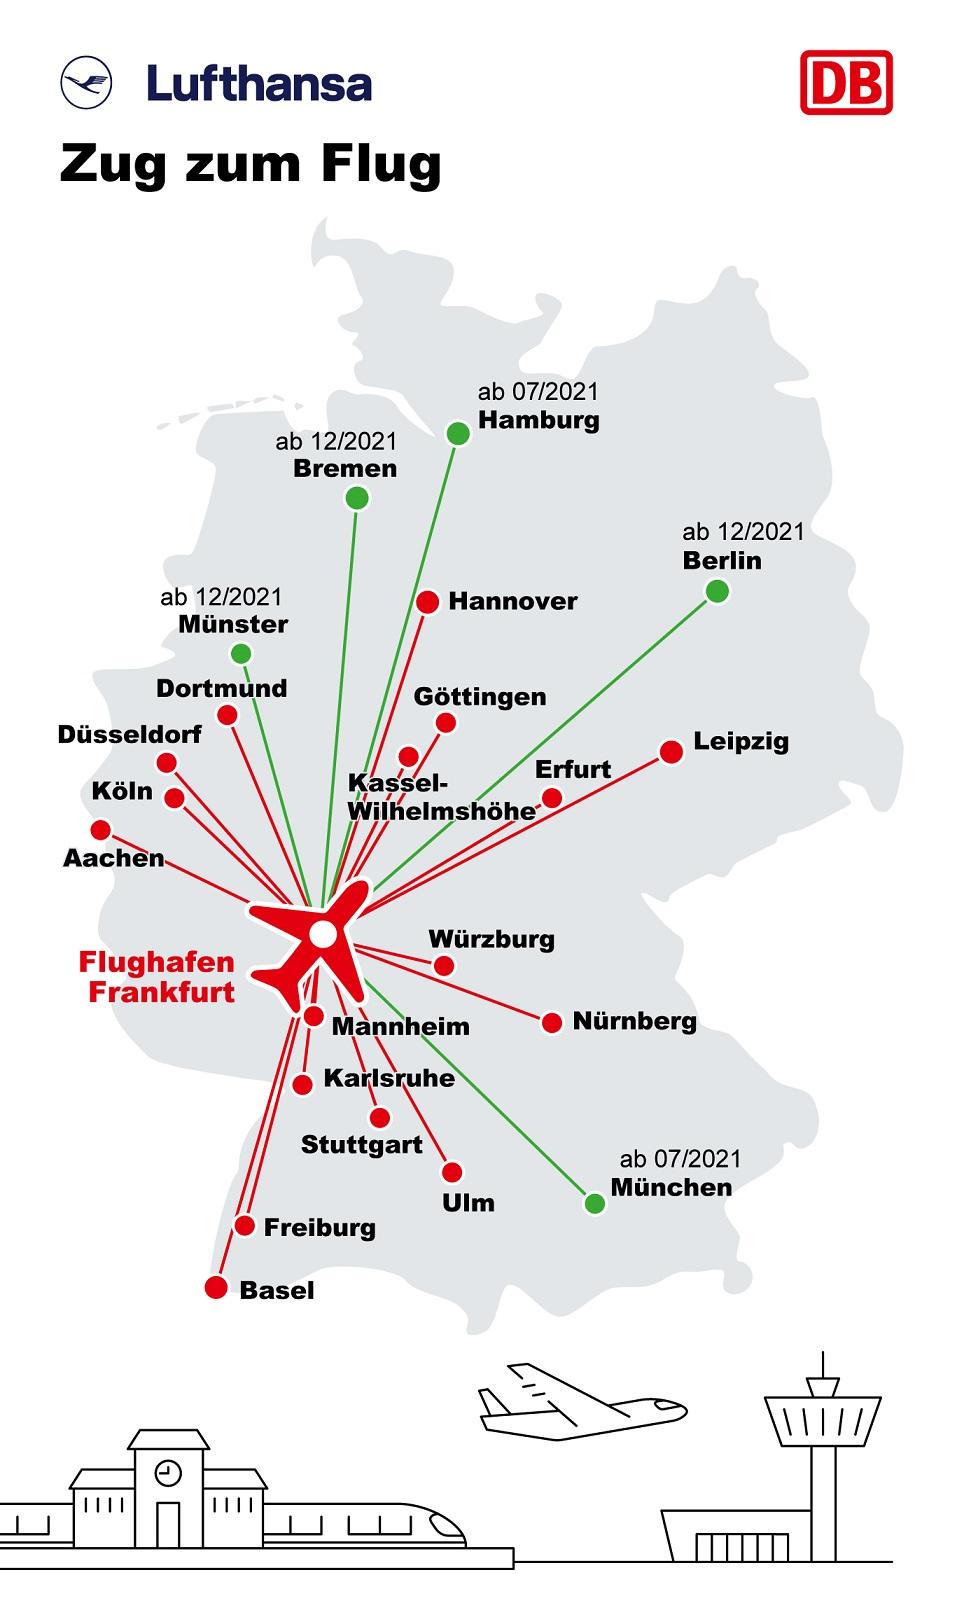 Lufthansa og Deutsche Bahn avdekker ekstra raske DB Sprinter-tog til Frankfurt lufthavn